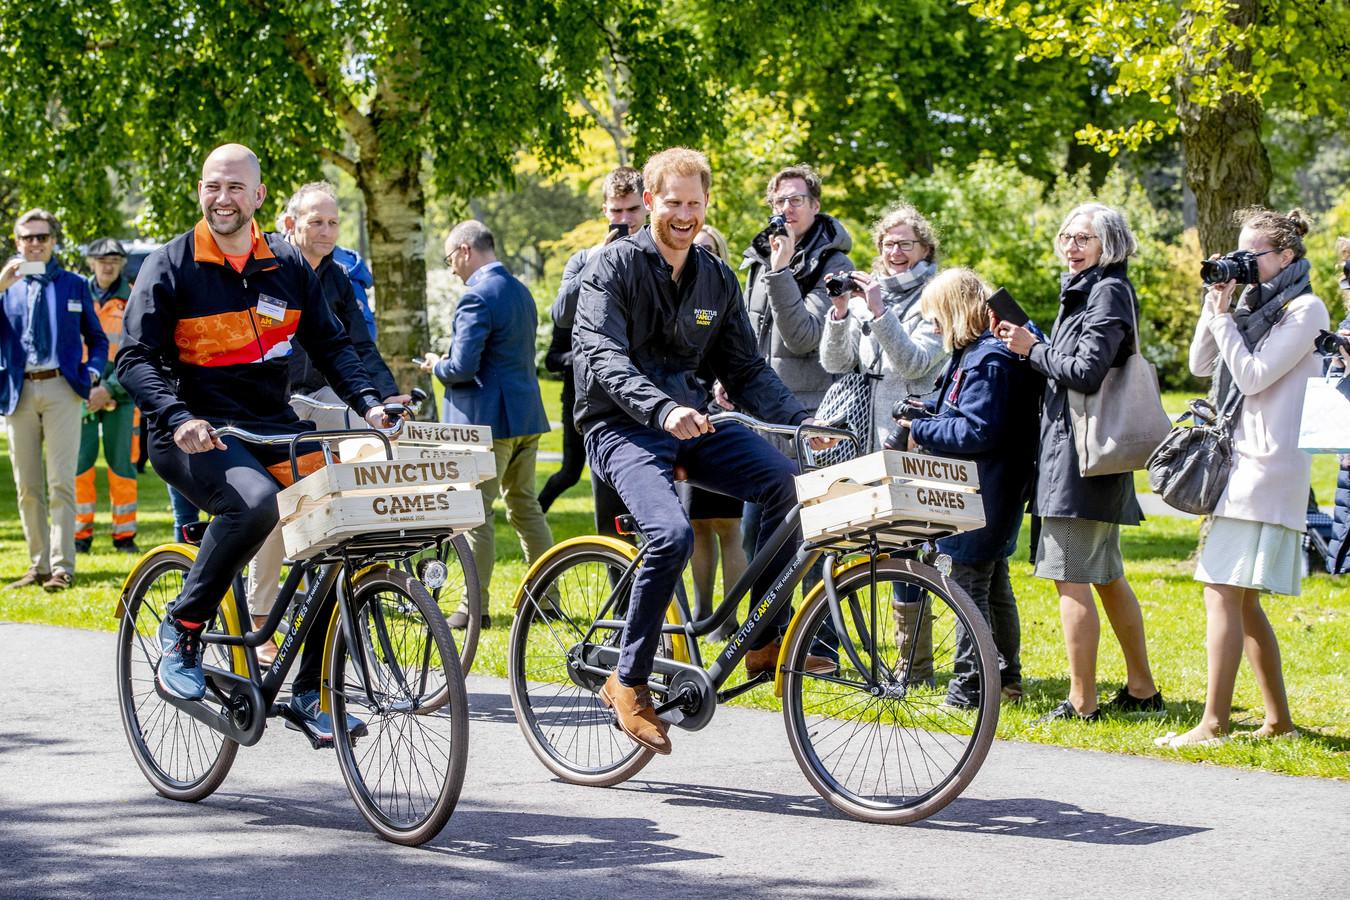 Atleet Dennis Van Der Stroom, Prins Harry en gastheer Luitenant Generaal b.d. Mart de Kruif fietsen door het park tijdens de presentatie van de Invictus Games The Hague 2020. Ter illustratie.